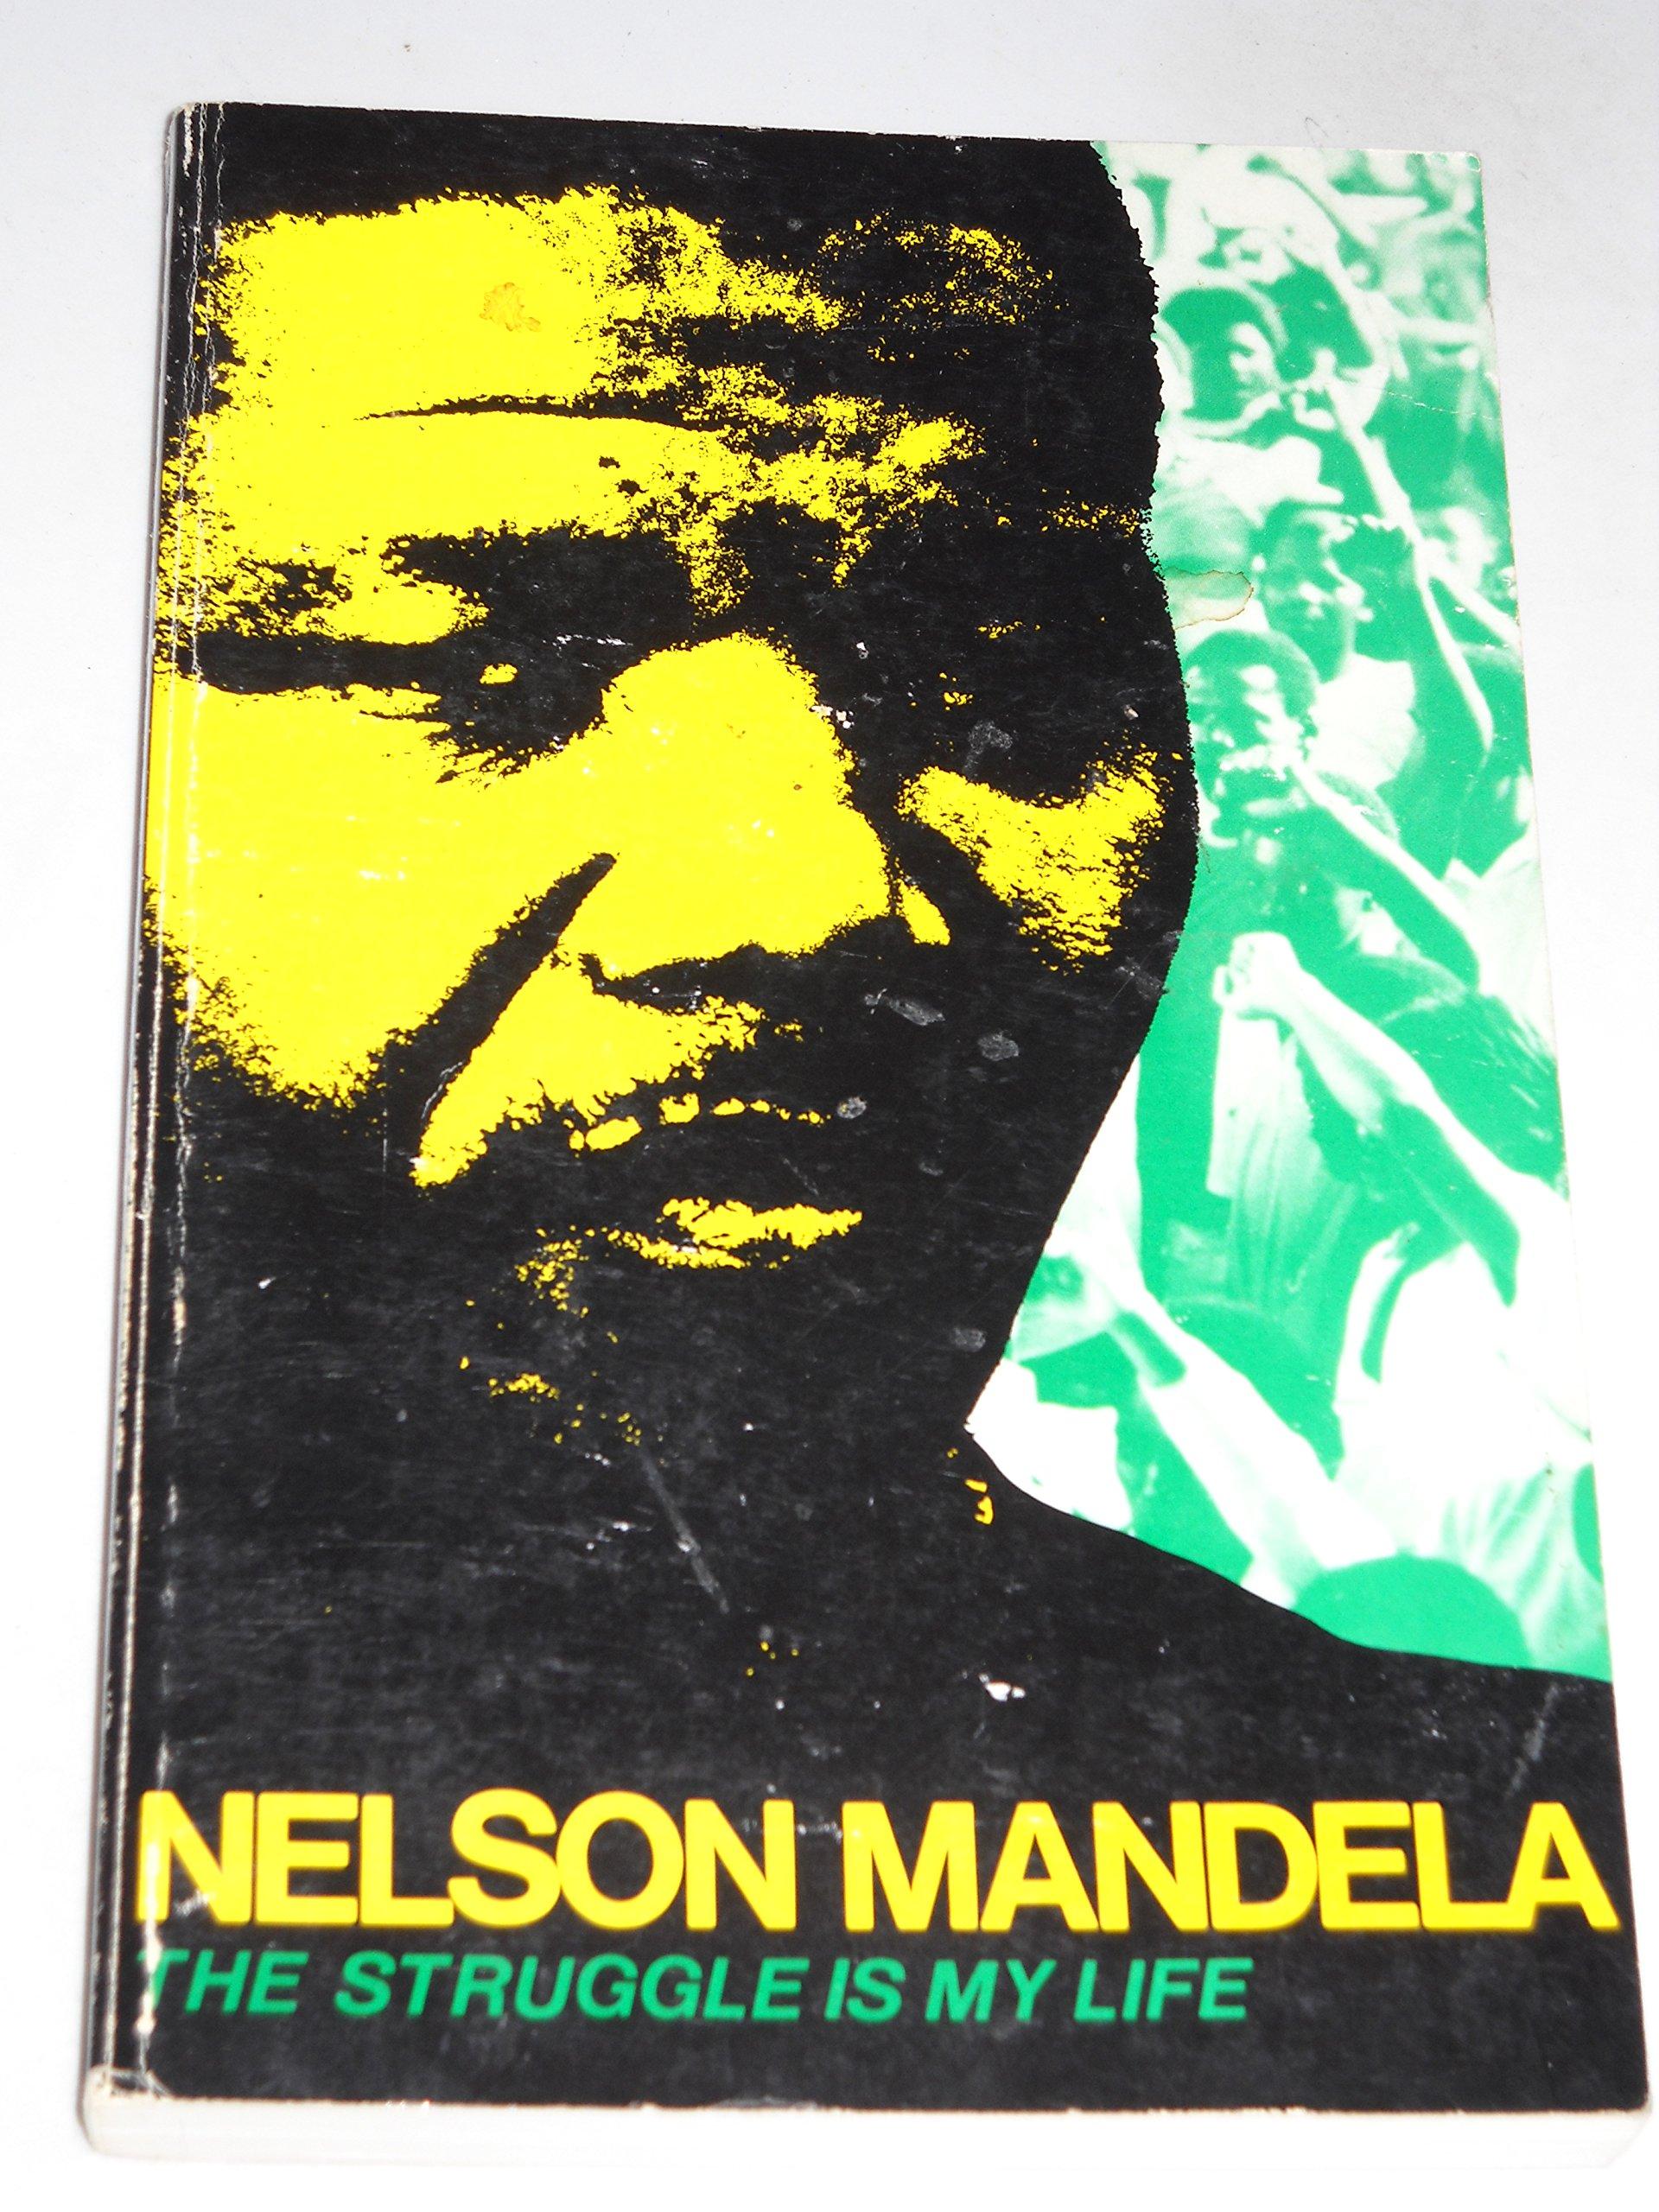 The Struggle is My Life: Mandela, Nelson: 9780873486620: Amazon.com: Books